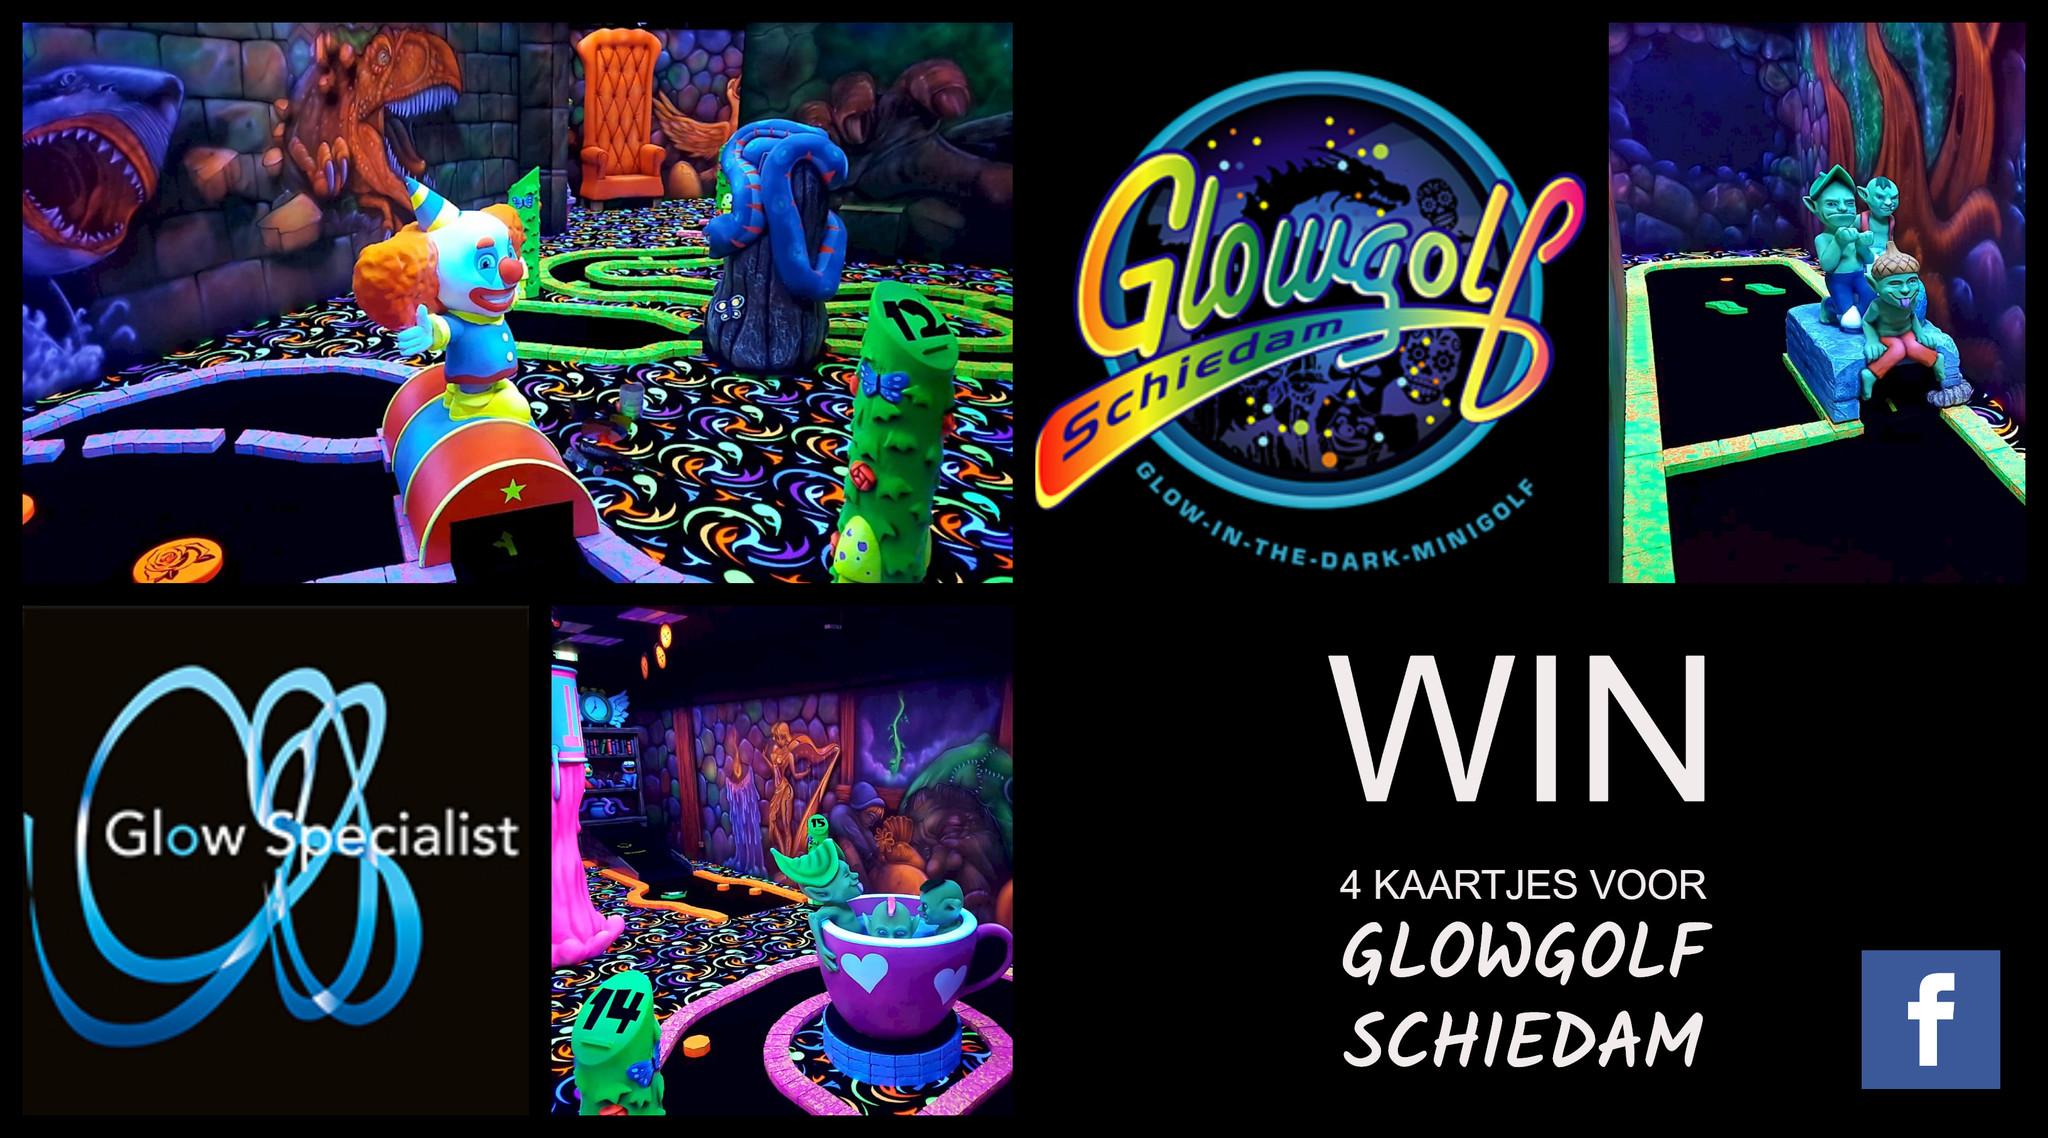 Win gratis kaartjes voor GlowGolf Schiedam